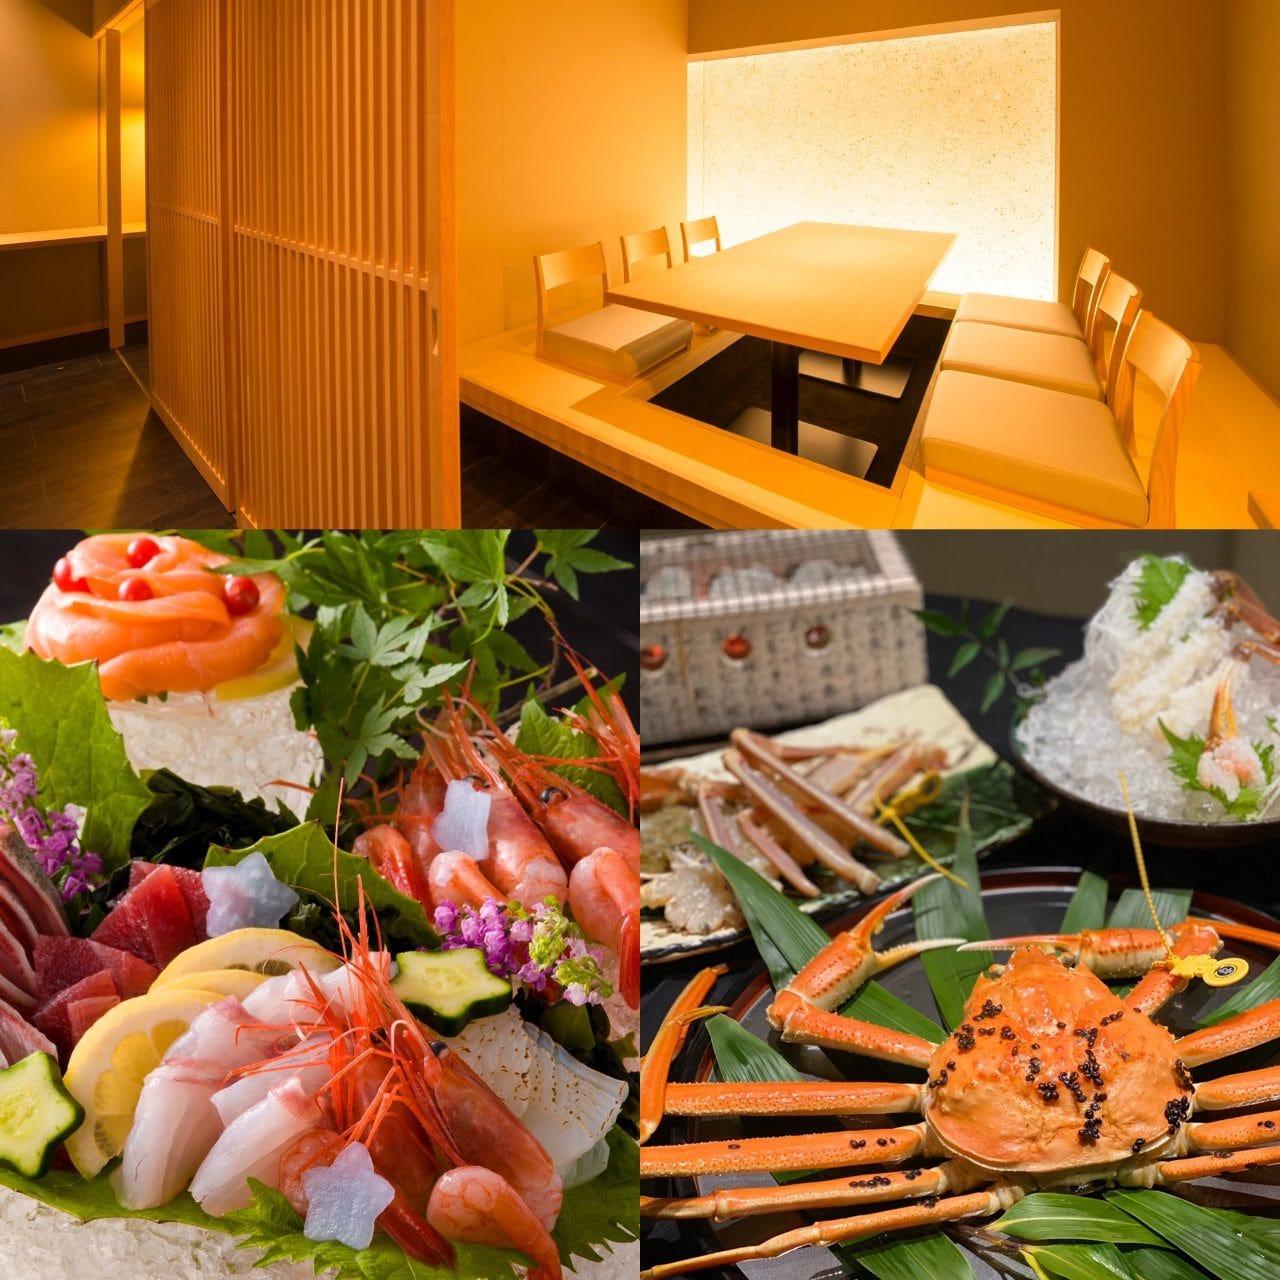 和食ダイニング 柳月亭のイメージ写真